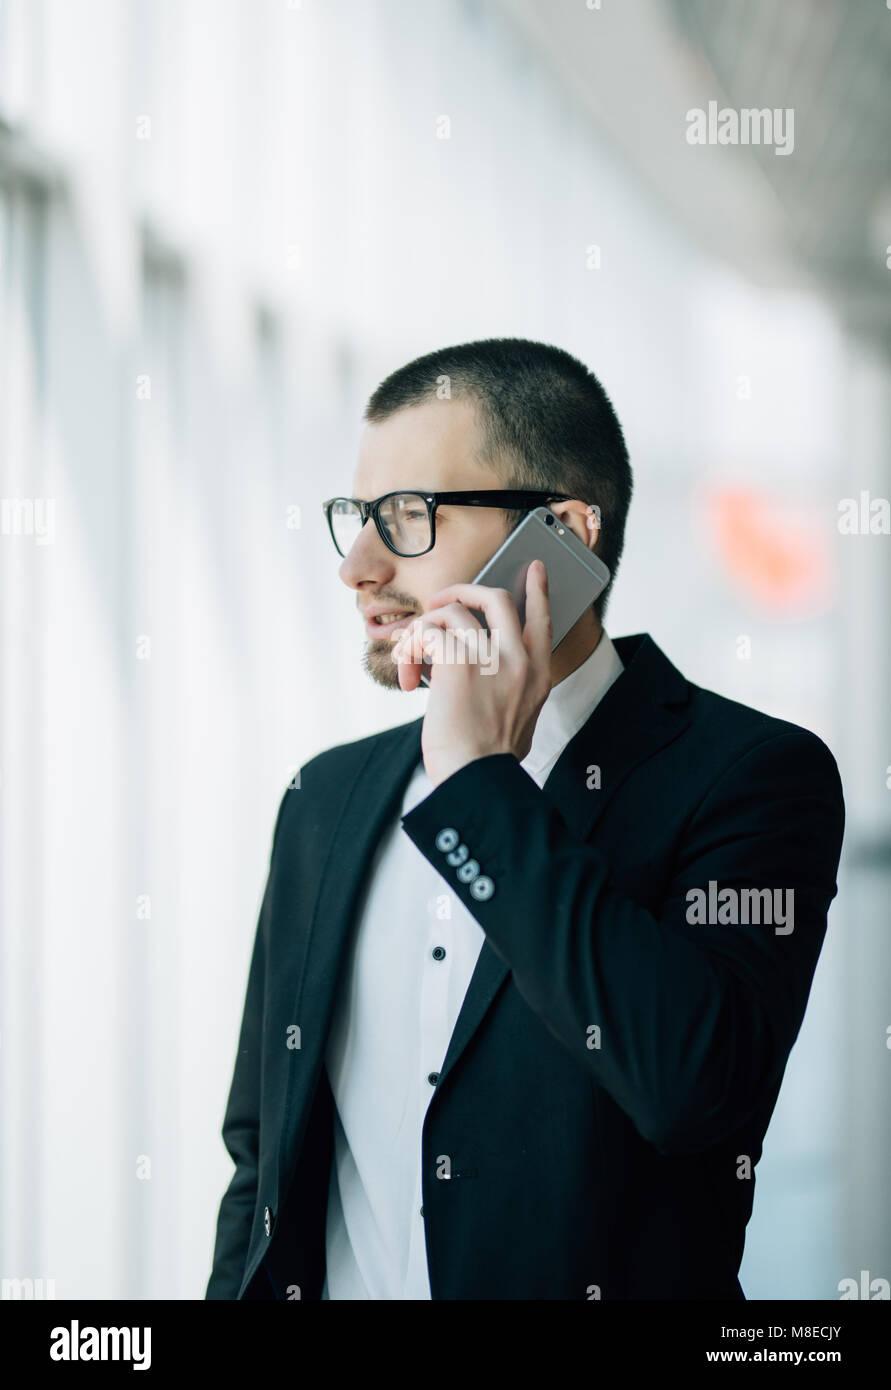 L'homme d'affaires à maturité à l'intérieur du bâtiment de bureaux et l'utilisation de téléphone cellulaire. Homme Banque D'Images